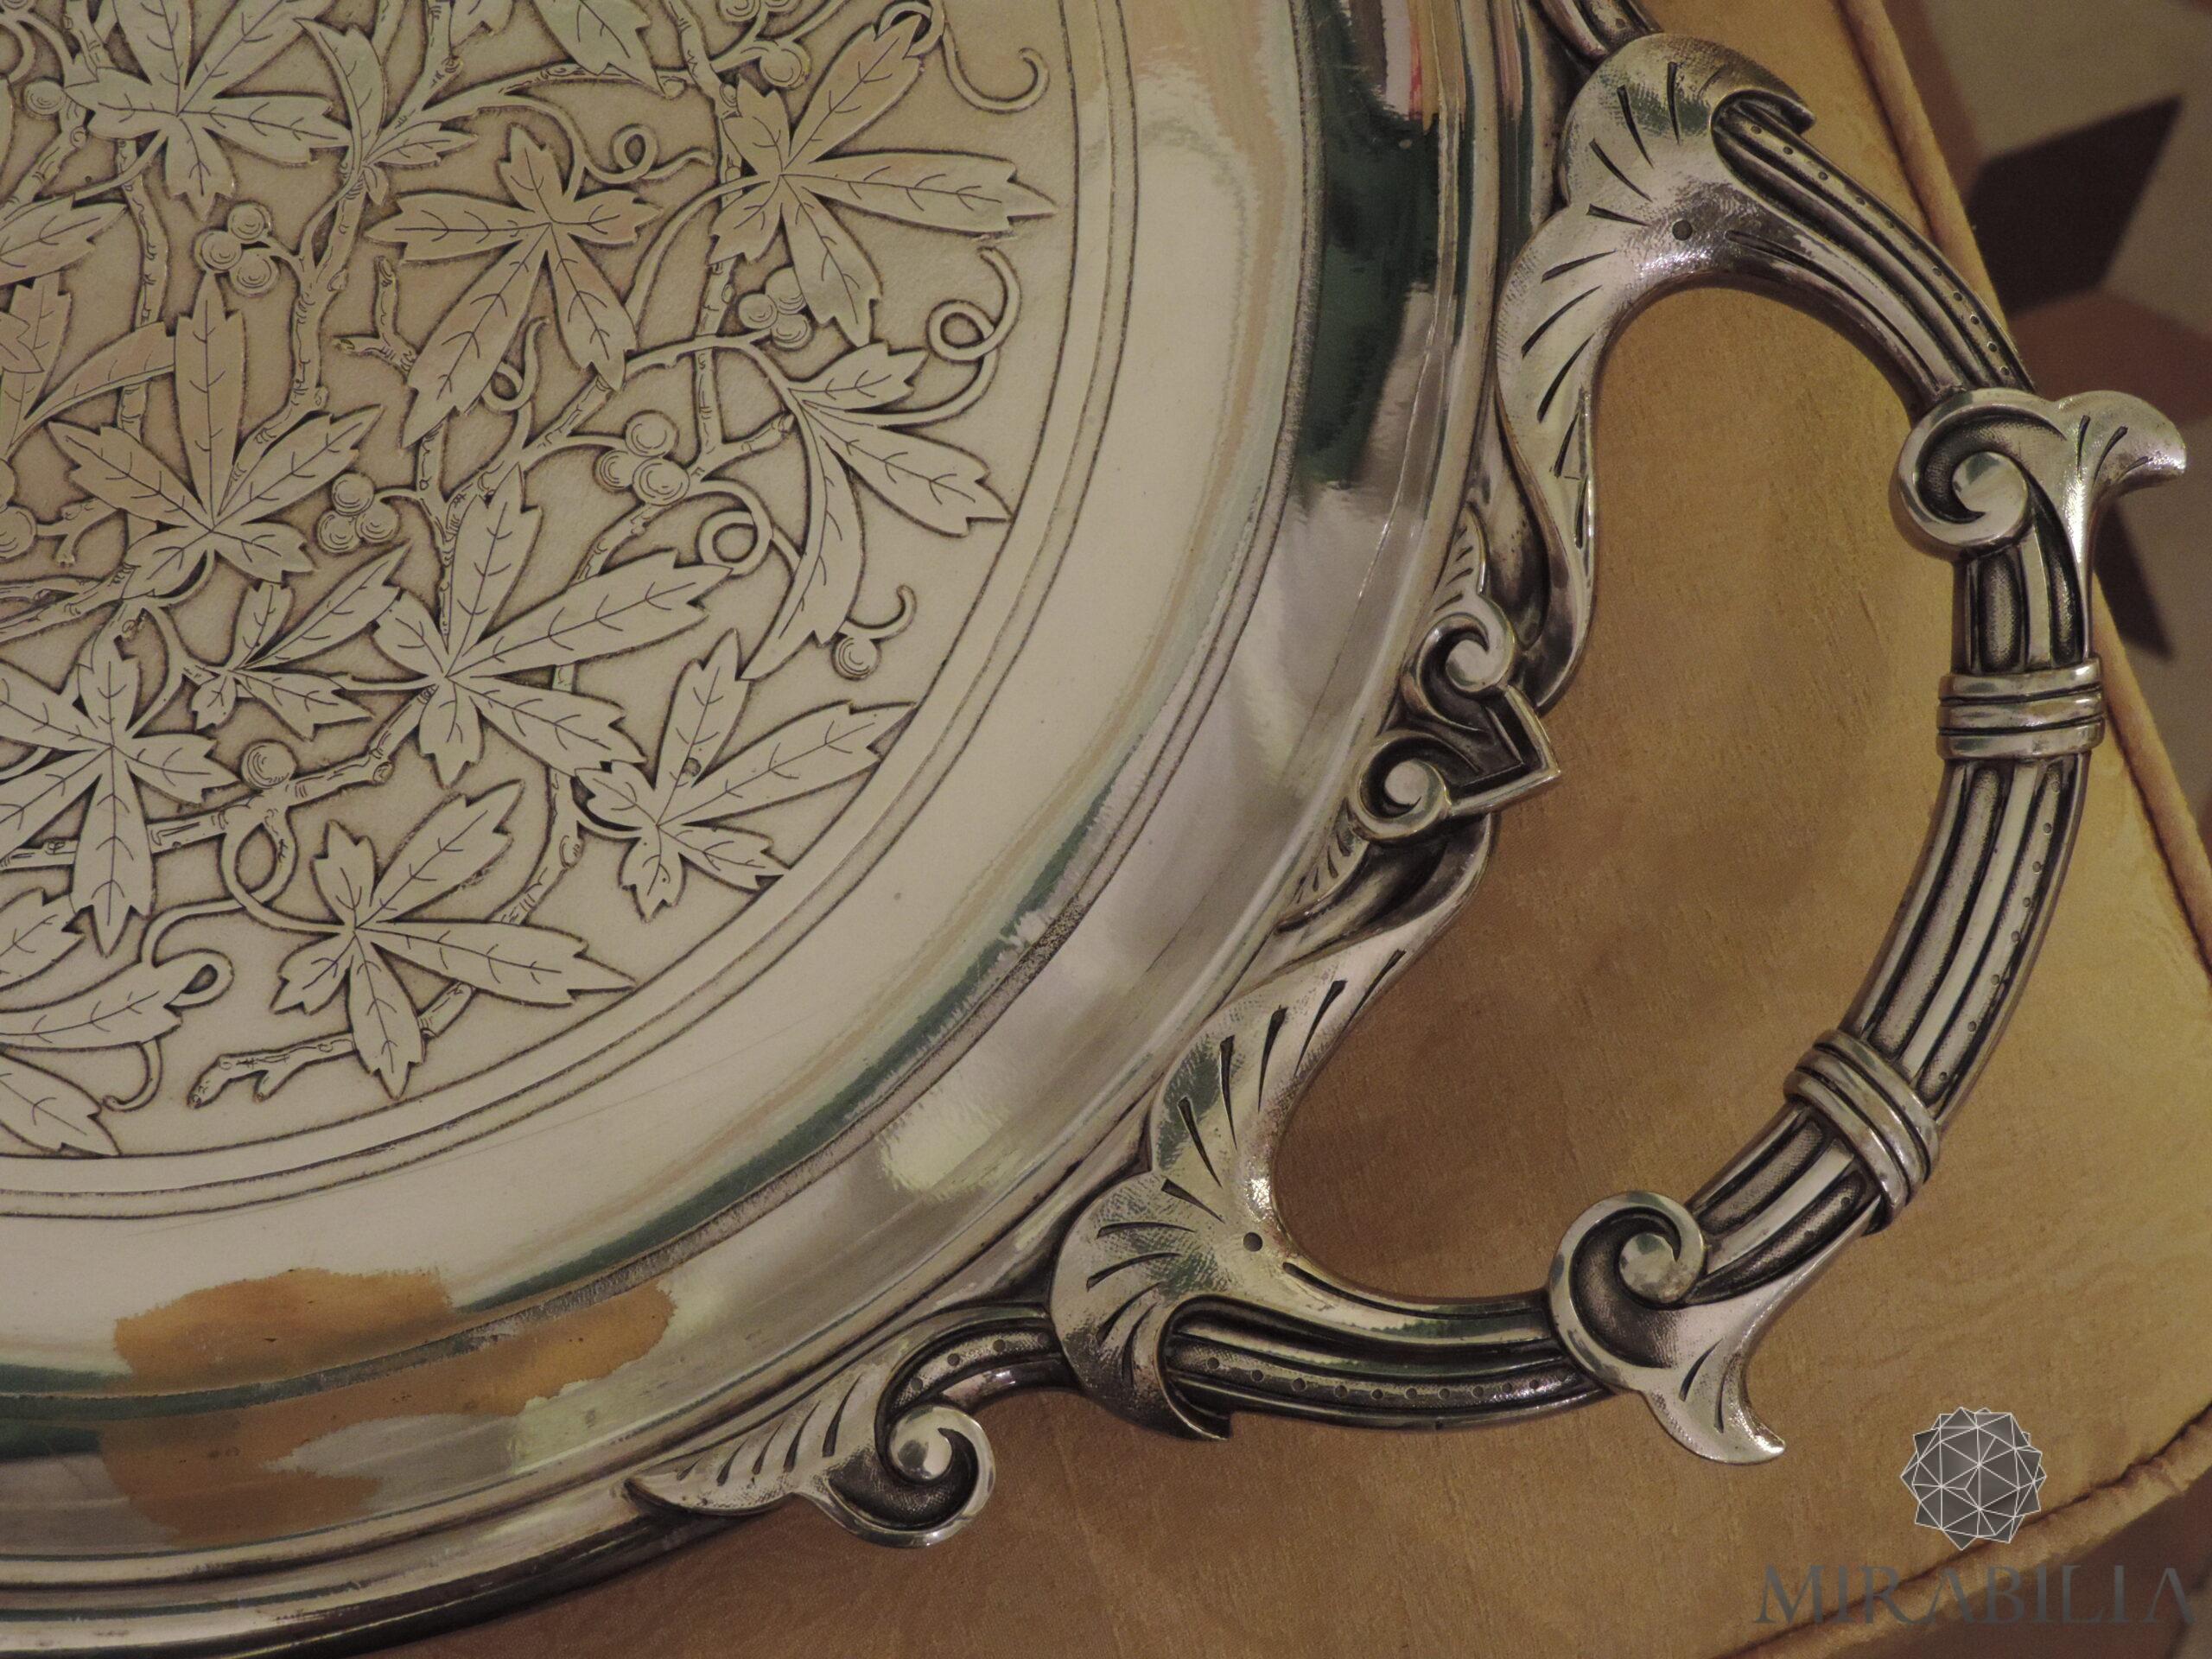 Vassoio da parata in ottone argentato a forma di quadrifoglio allungato (dettaglio foglie di edera)